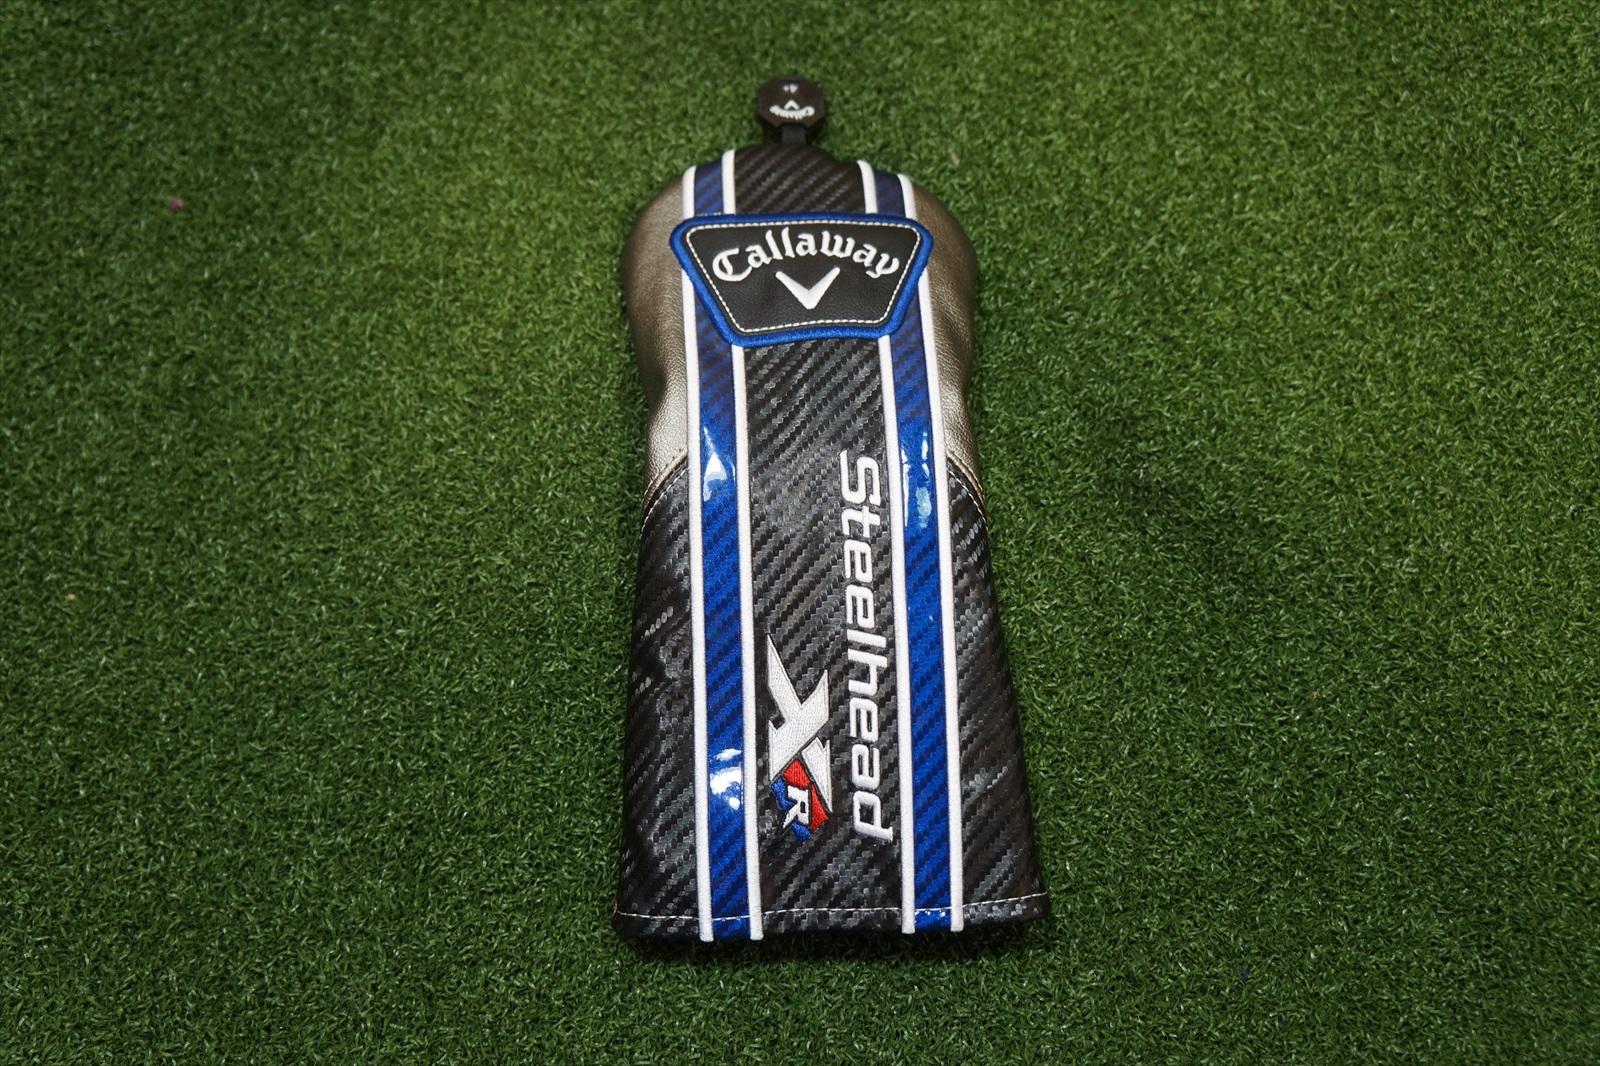 Callaway-Golf-Steelhead-XR-Bois-De-Fairway-un-Couvre-Bois-Tete-Housse-tres-bon